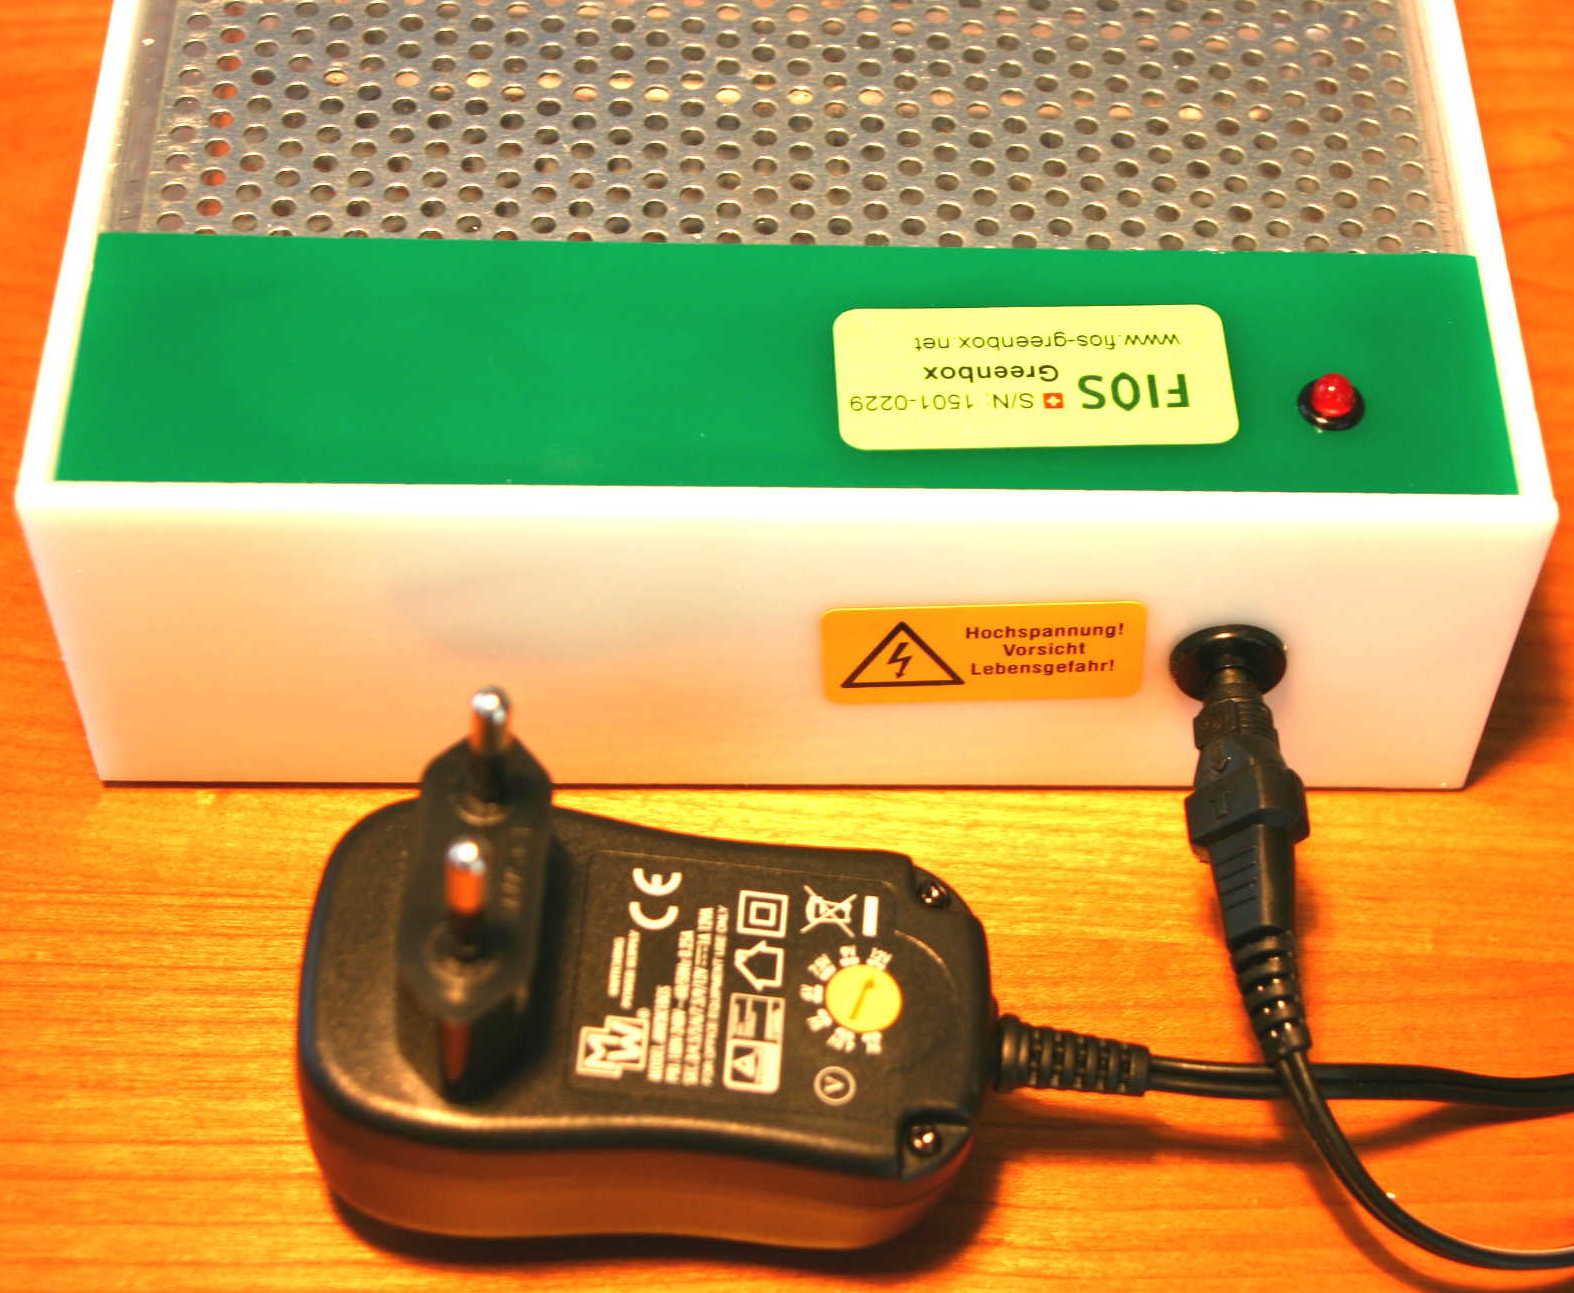 Urzeitcode FIOS Greenbox Experimentierzwecke - Netzteil